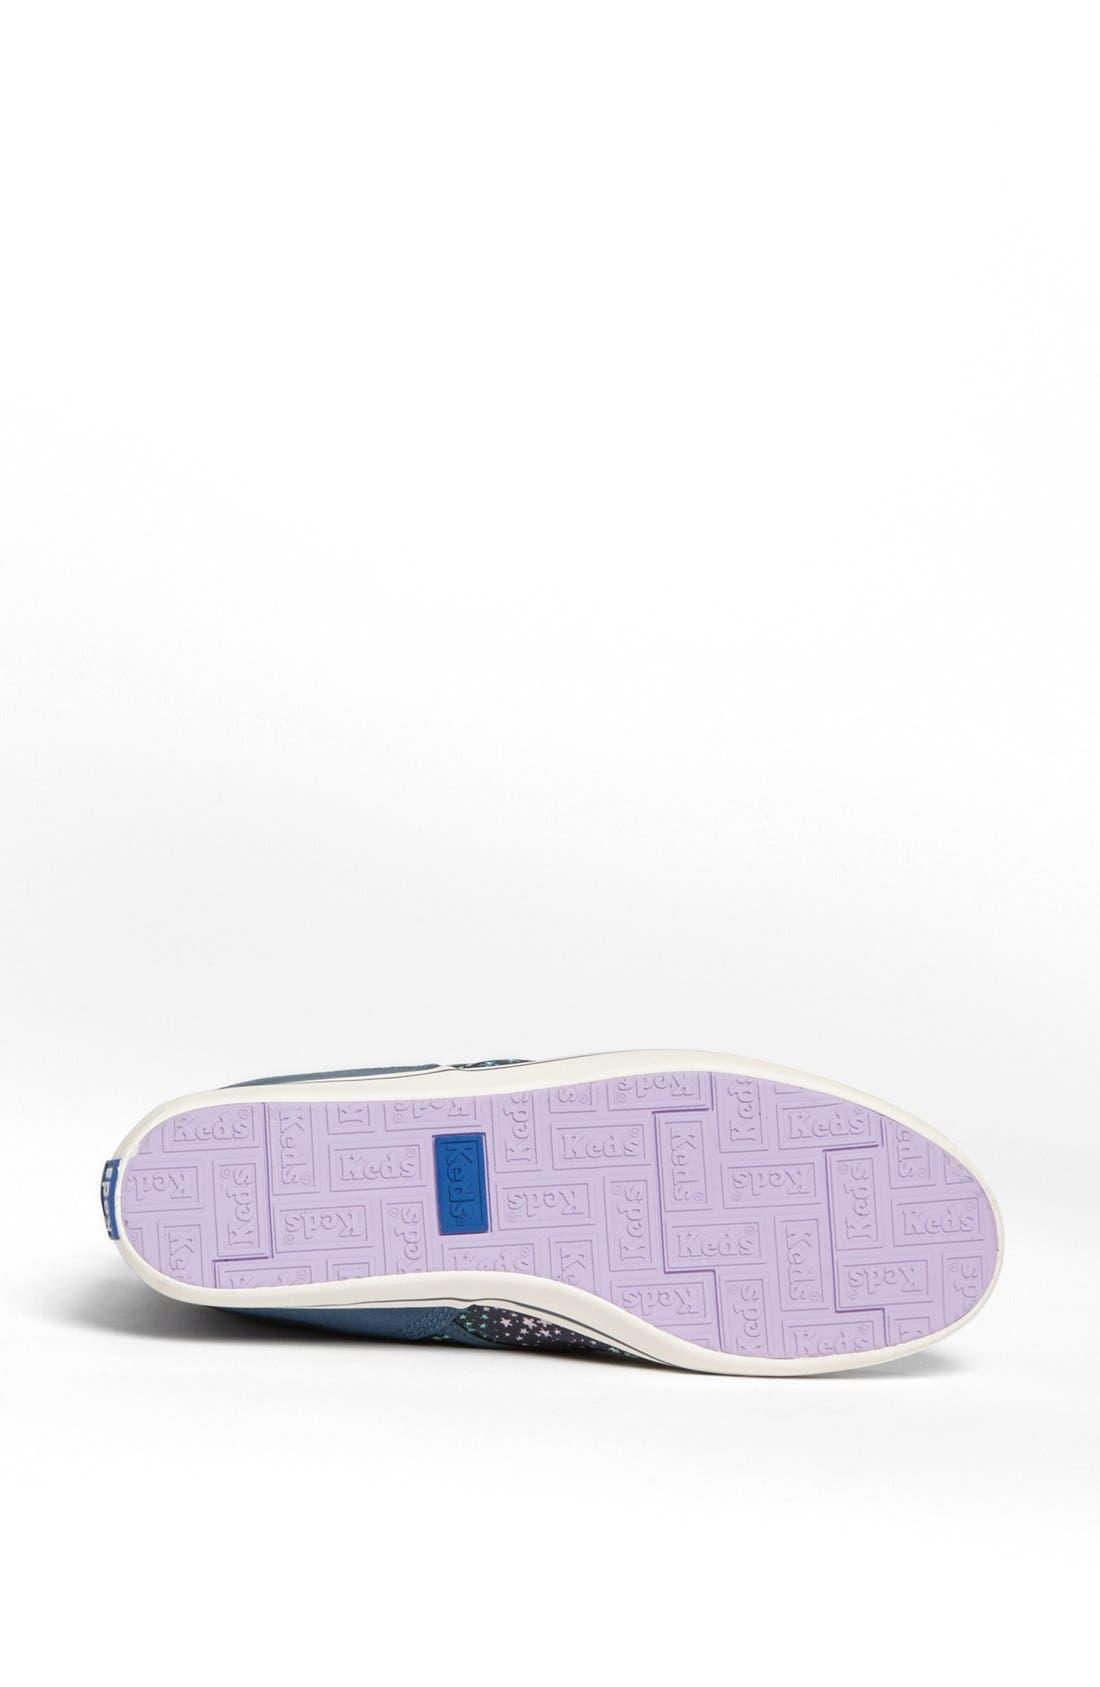 Alternate Image 4  - Keds® 'Rookie' Wedge High Top Sneaker (Women)